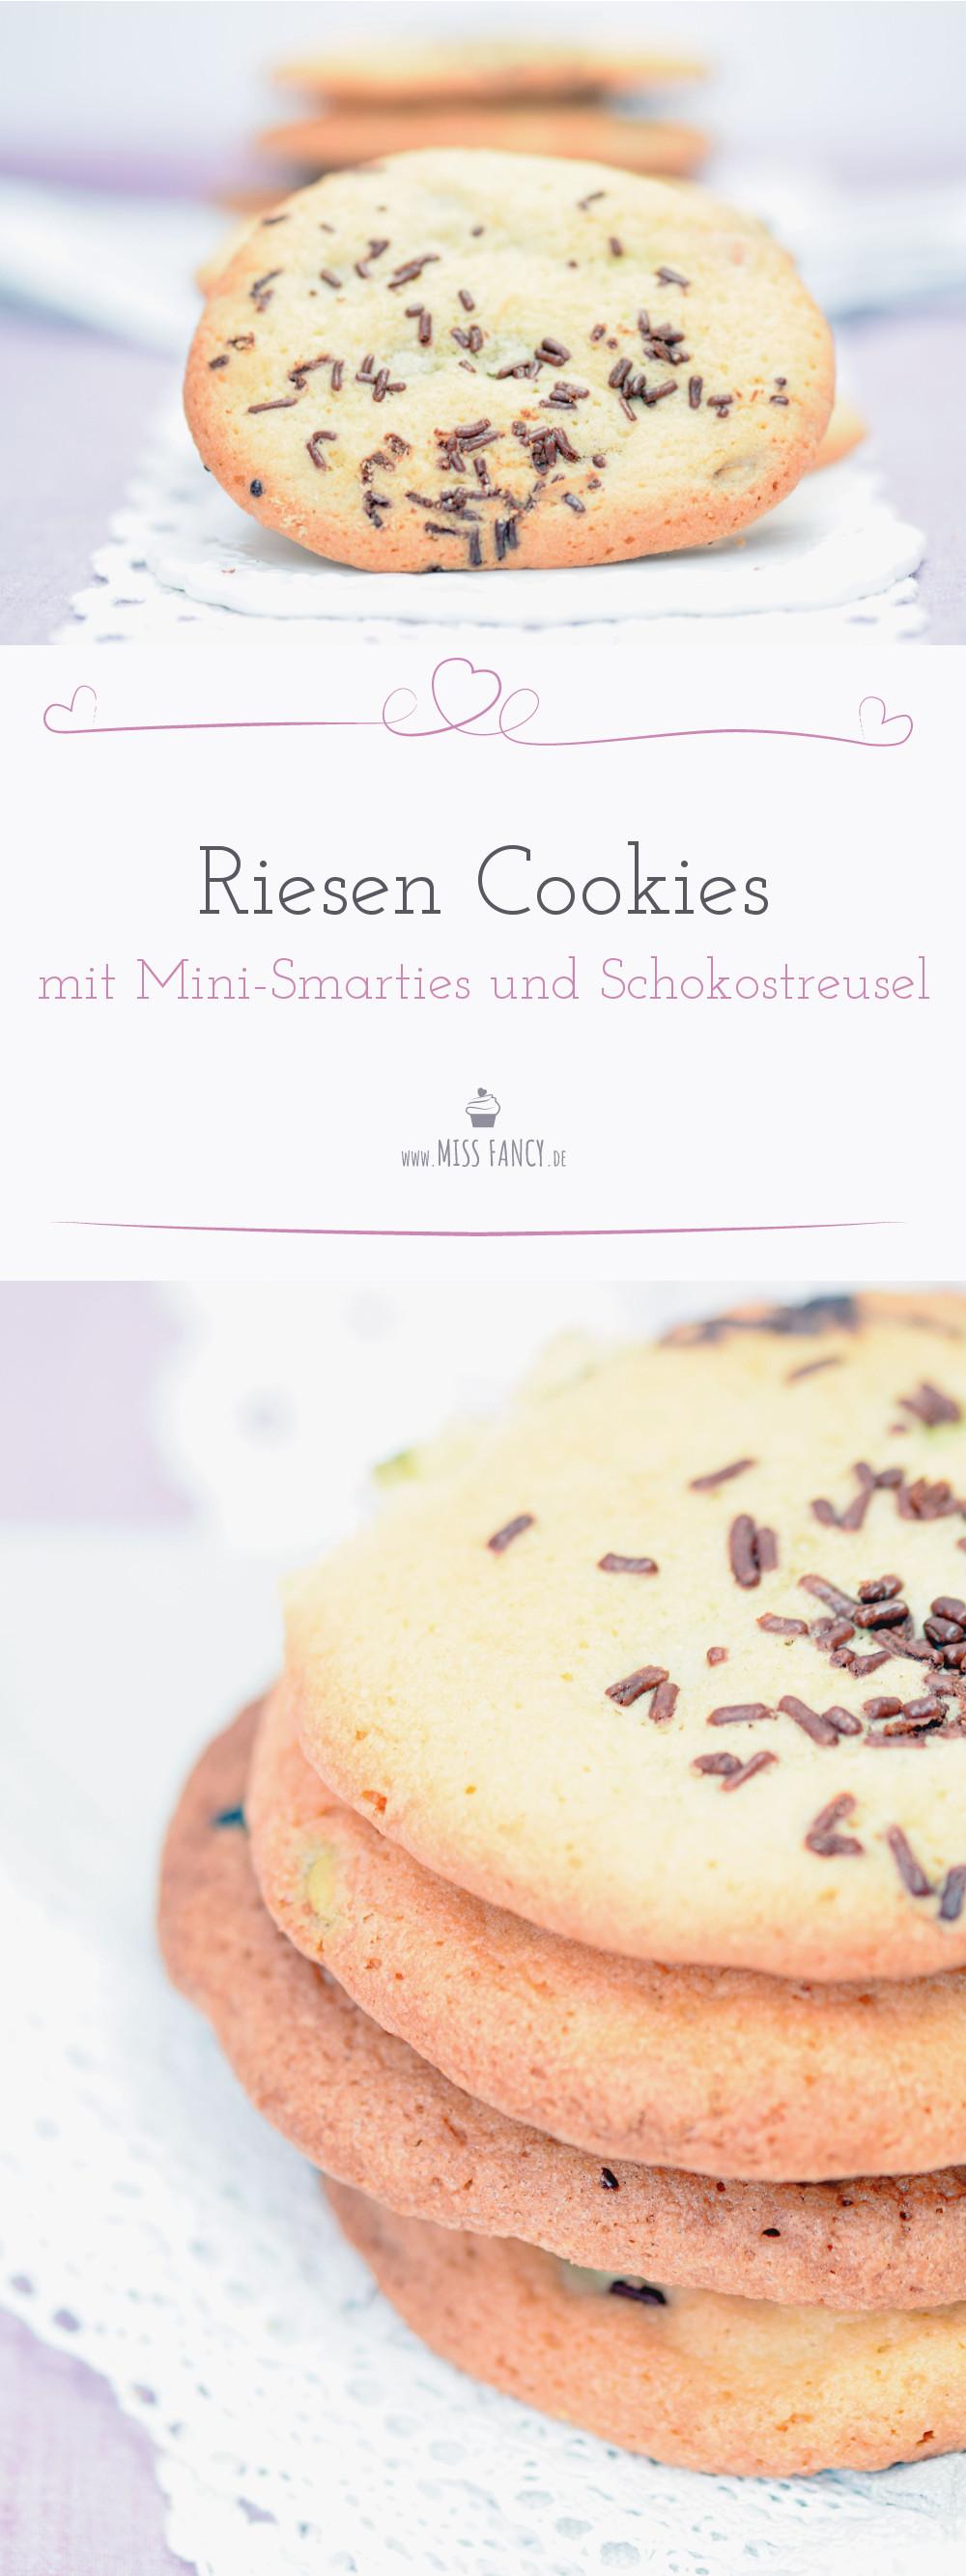 Rezept Cookies Mini Smarties Missfancy Foodblog